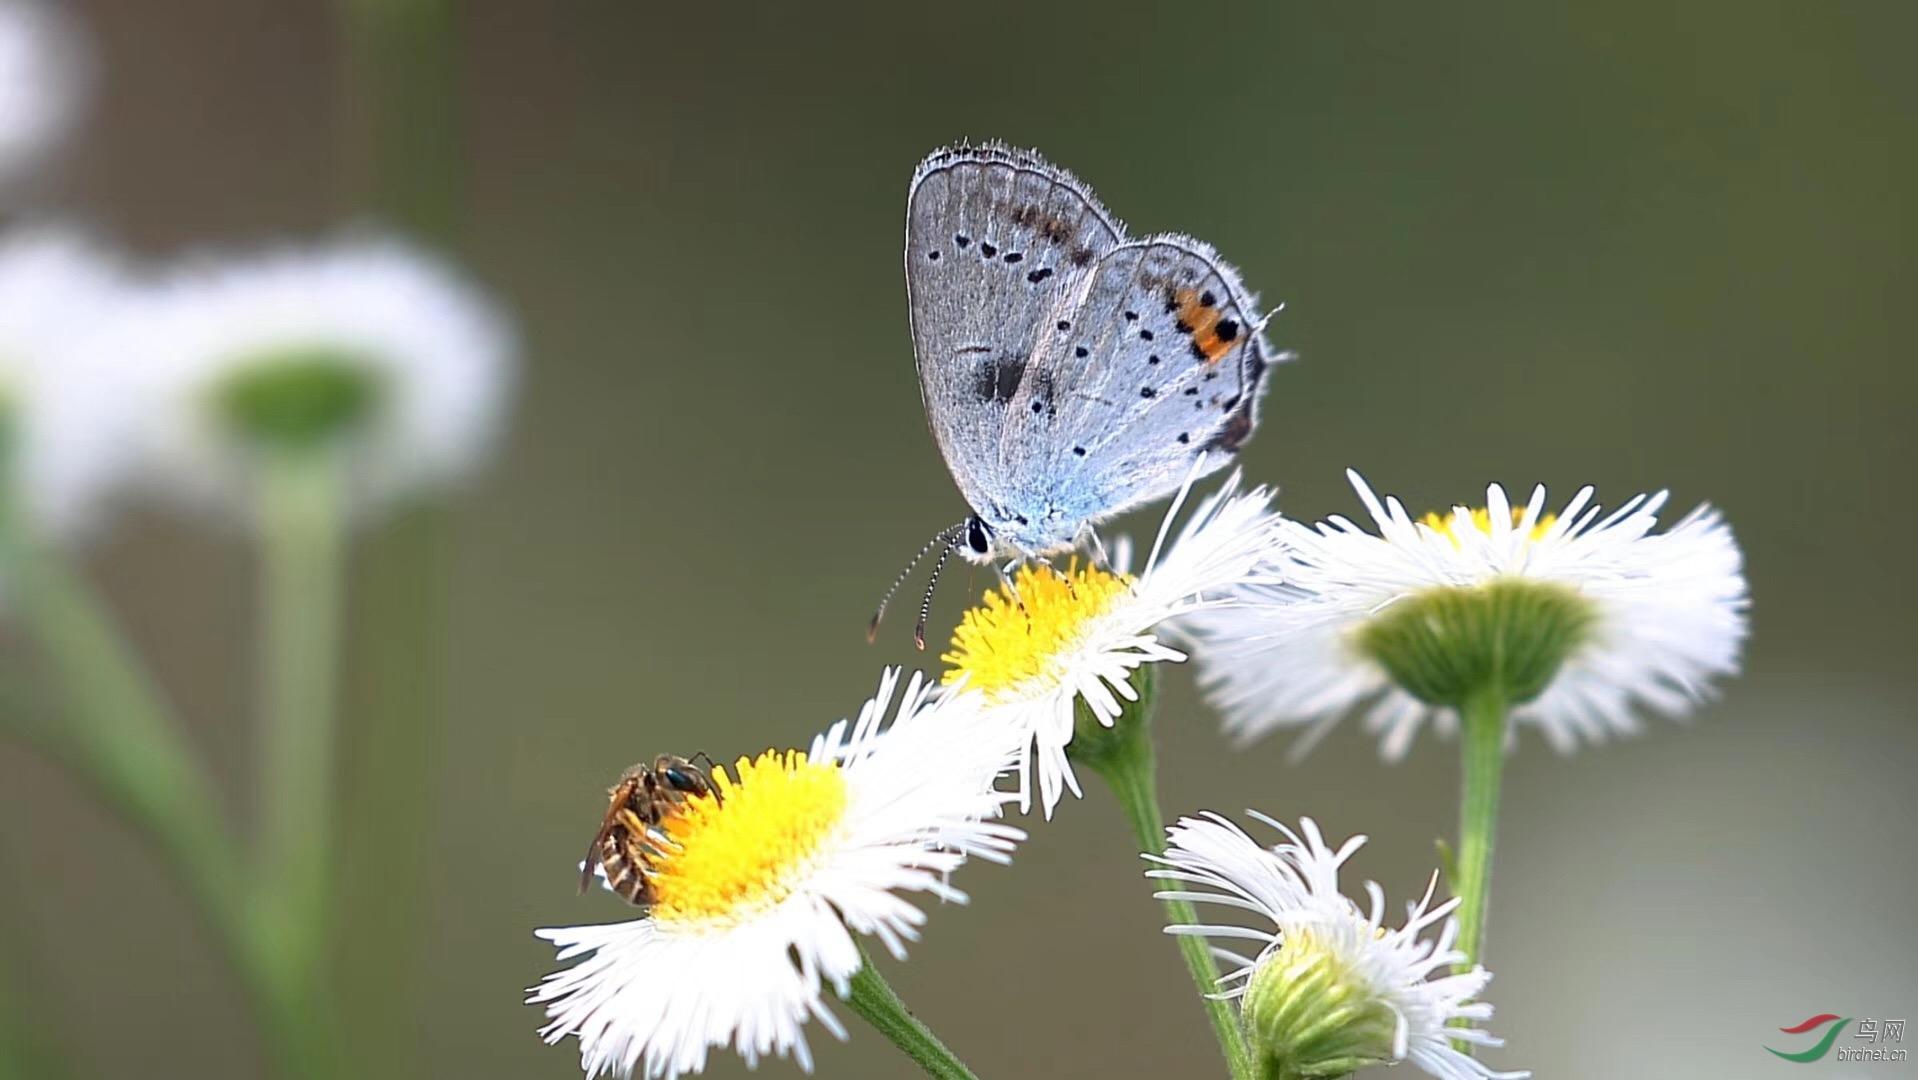 你若盛开蝴蝶自来 你若盛开蝴蝶自来全诗